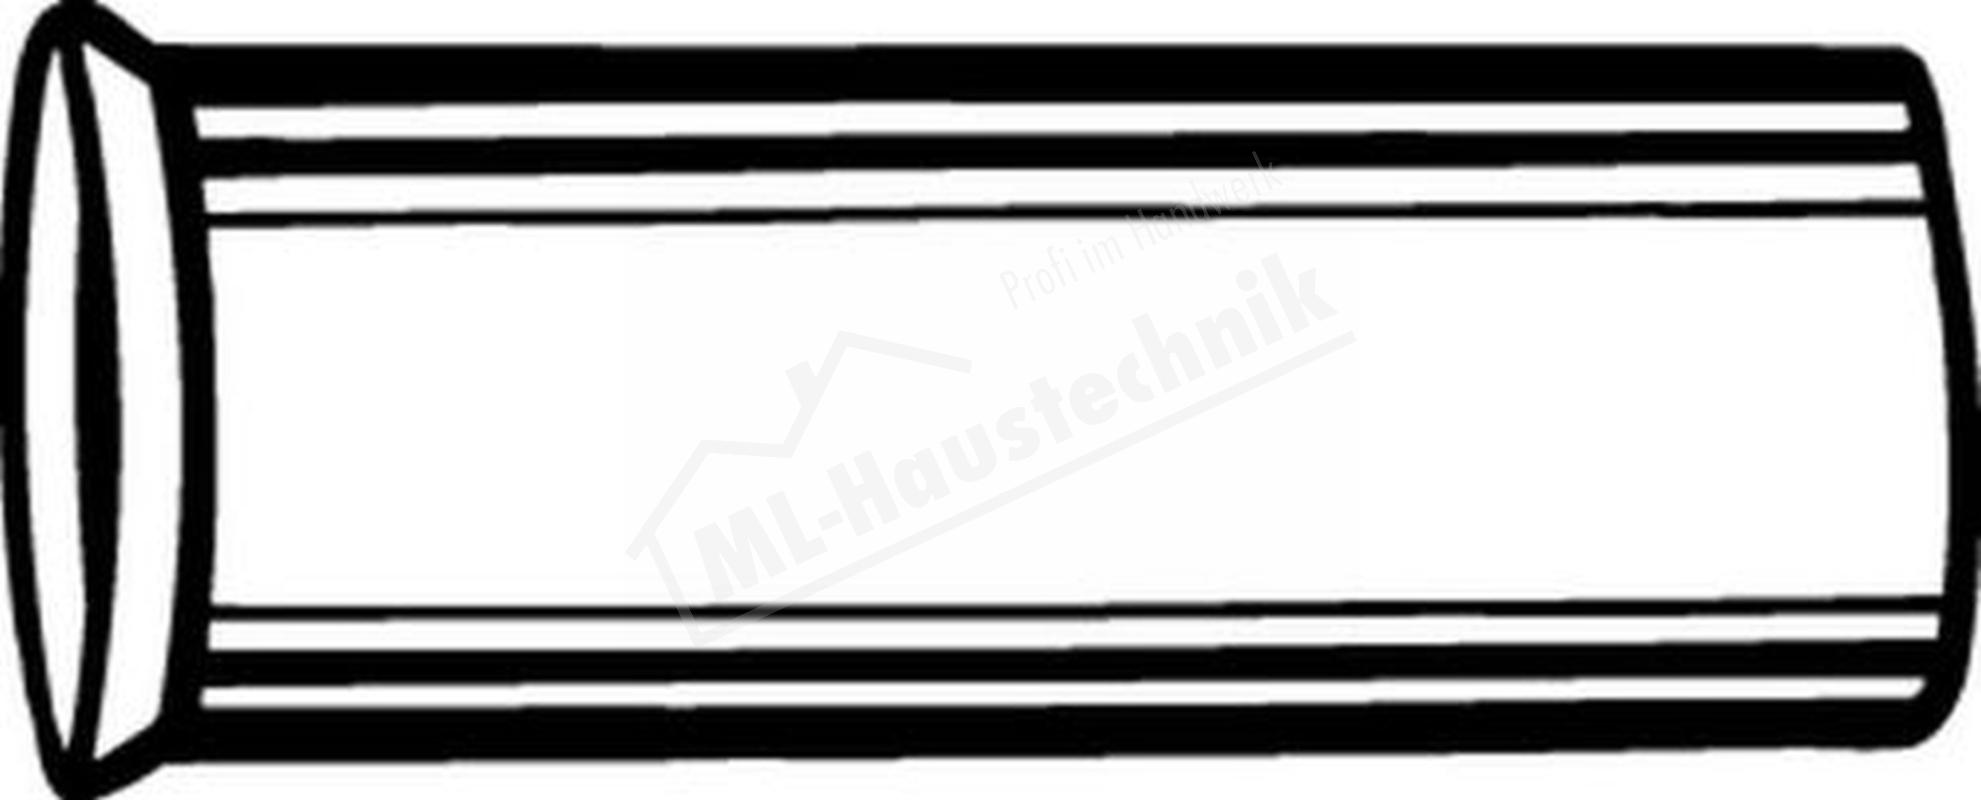 1300-15.170 Heimeier Stützhülse für Rohr 15mm